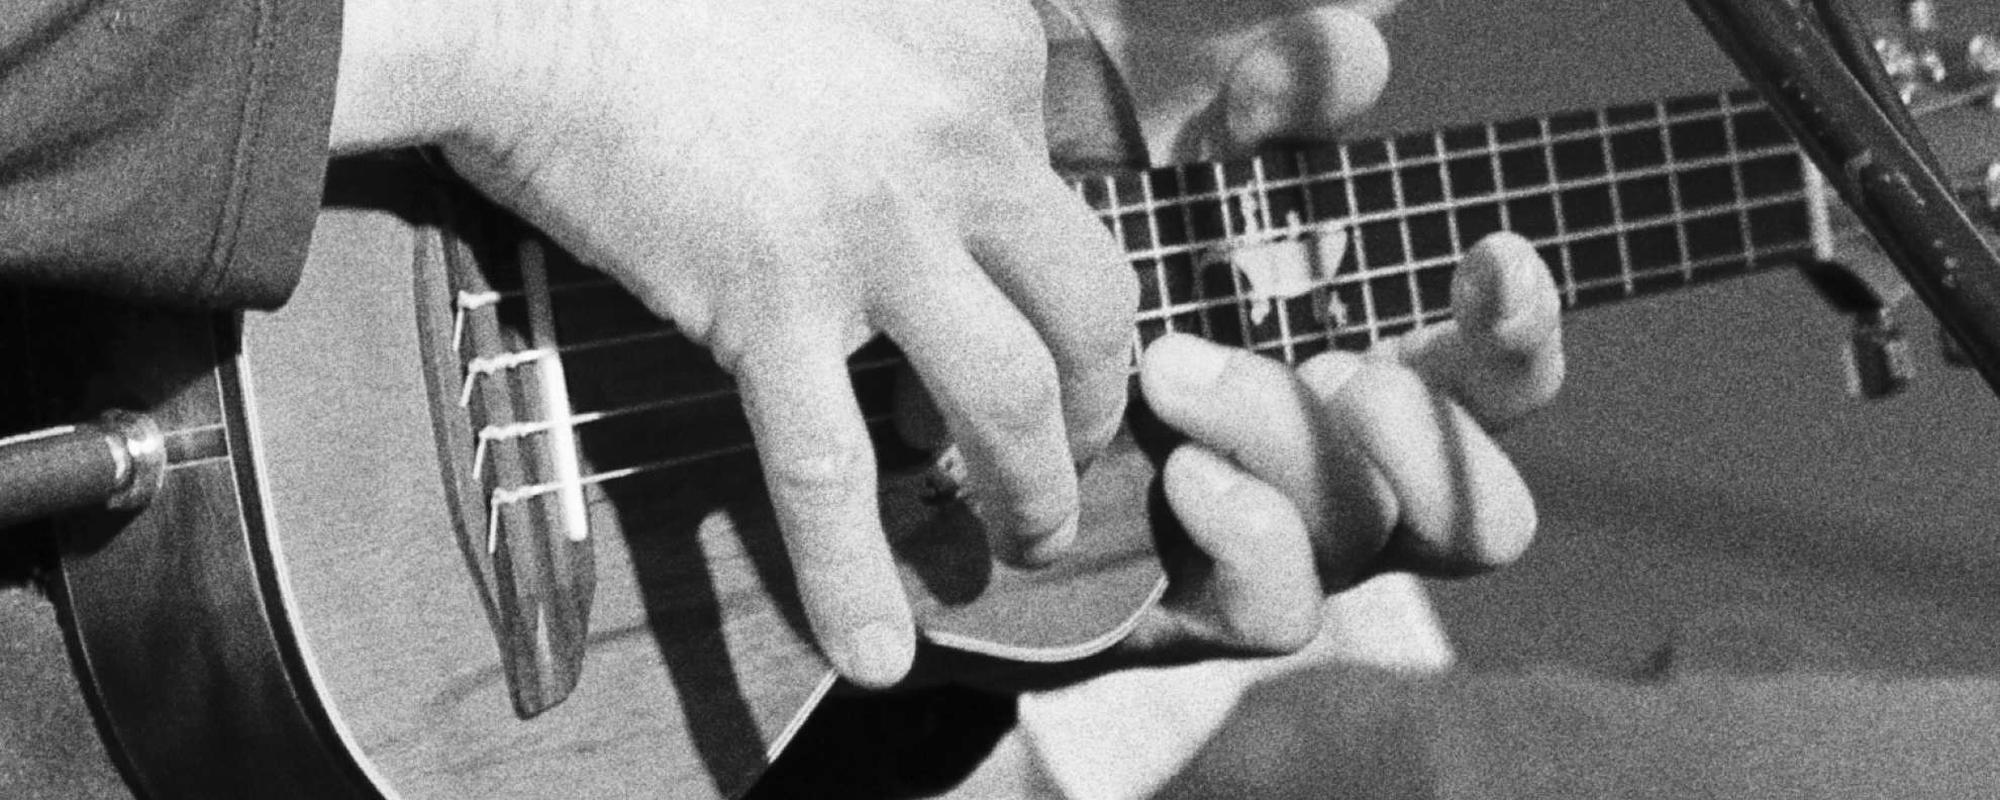 slide_ukuleles_02